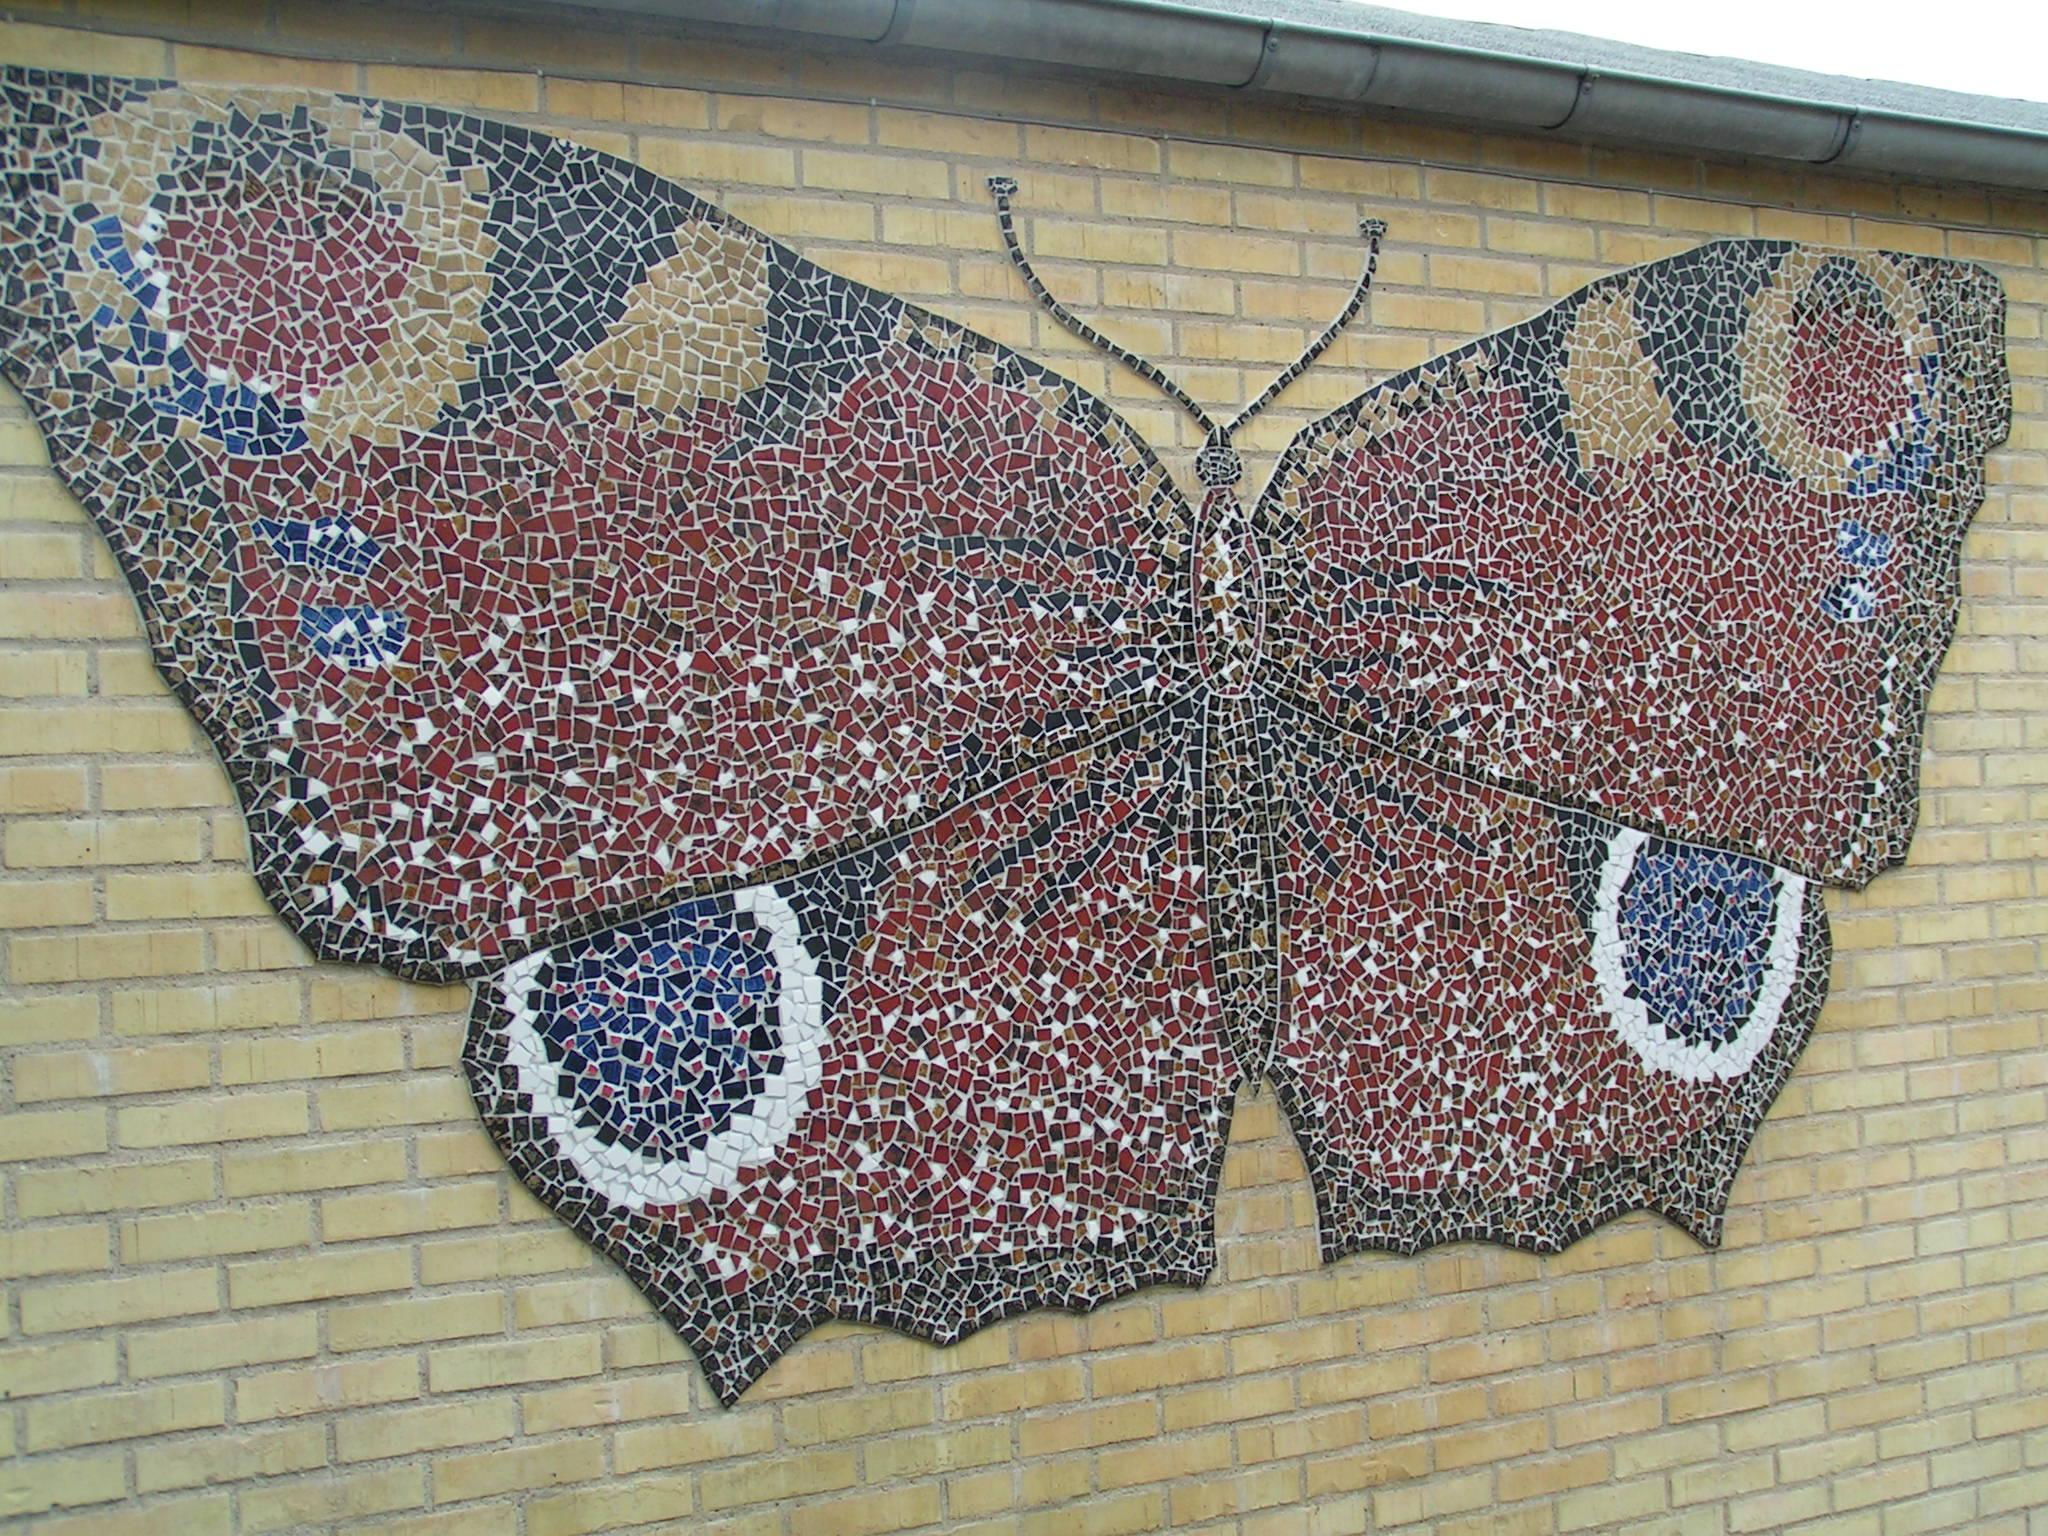 Vægudsmykning i mosaik - mosaic wall decoration